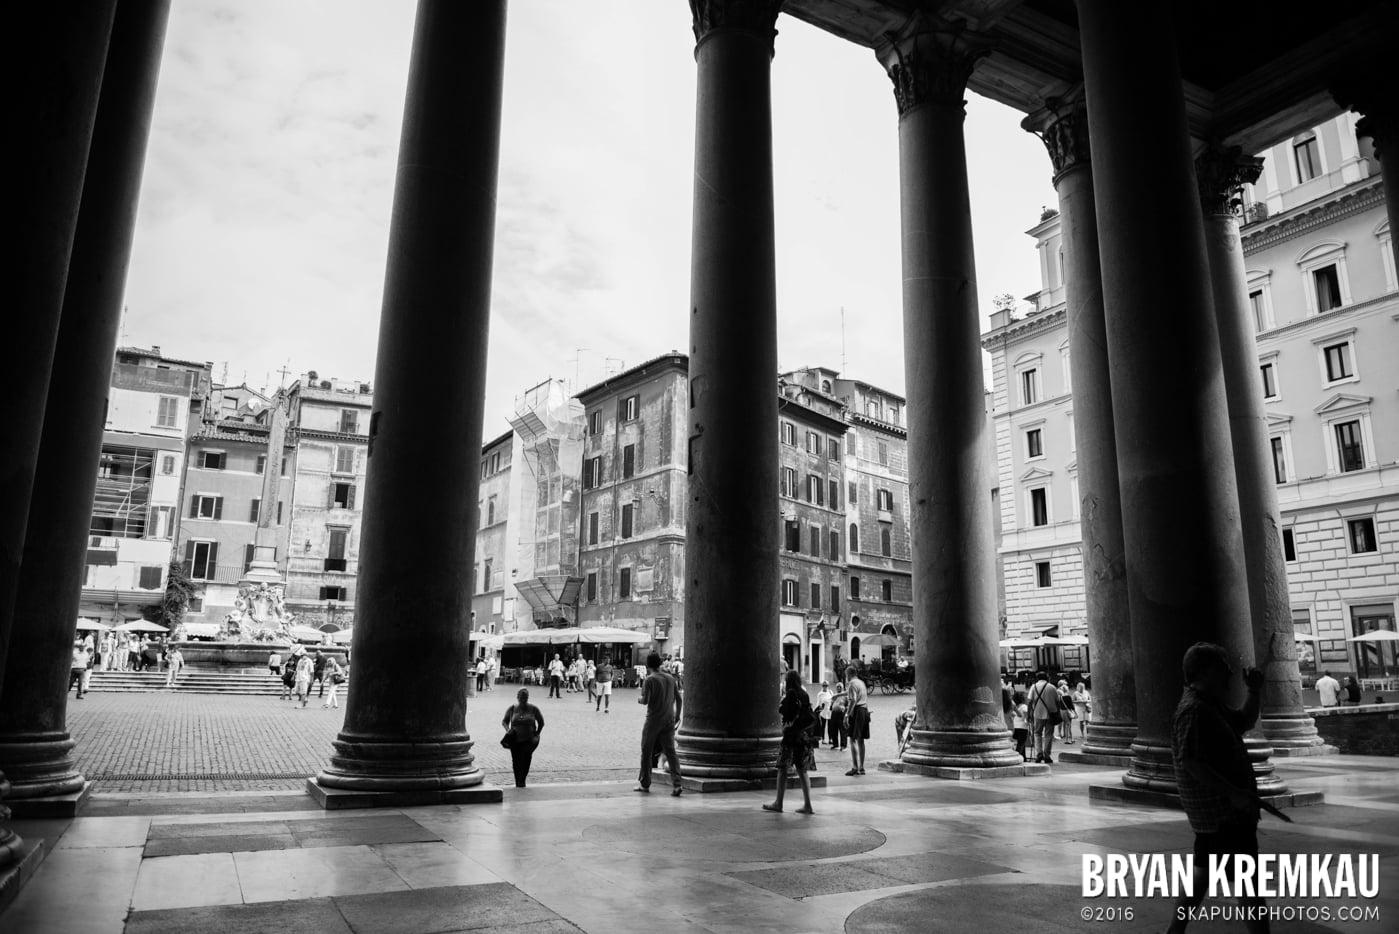 Italy Vacation - Day 1: Rome - 9.9.13 (79)